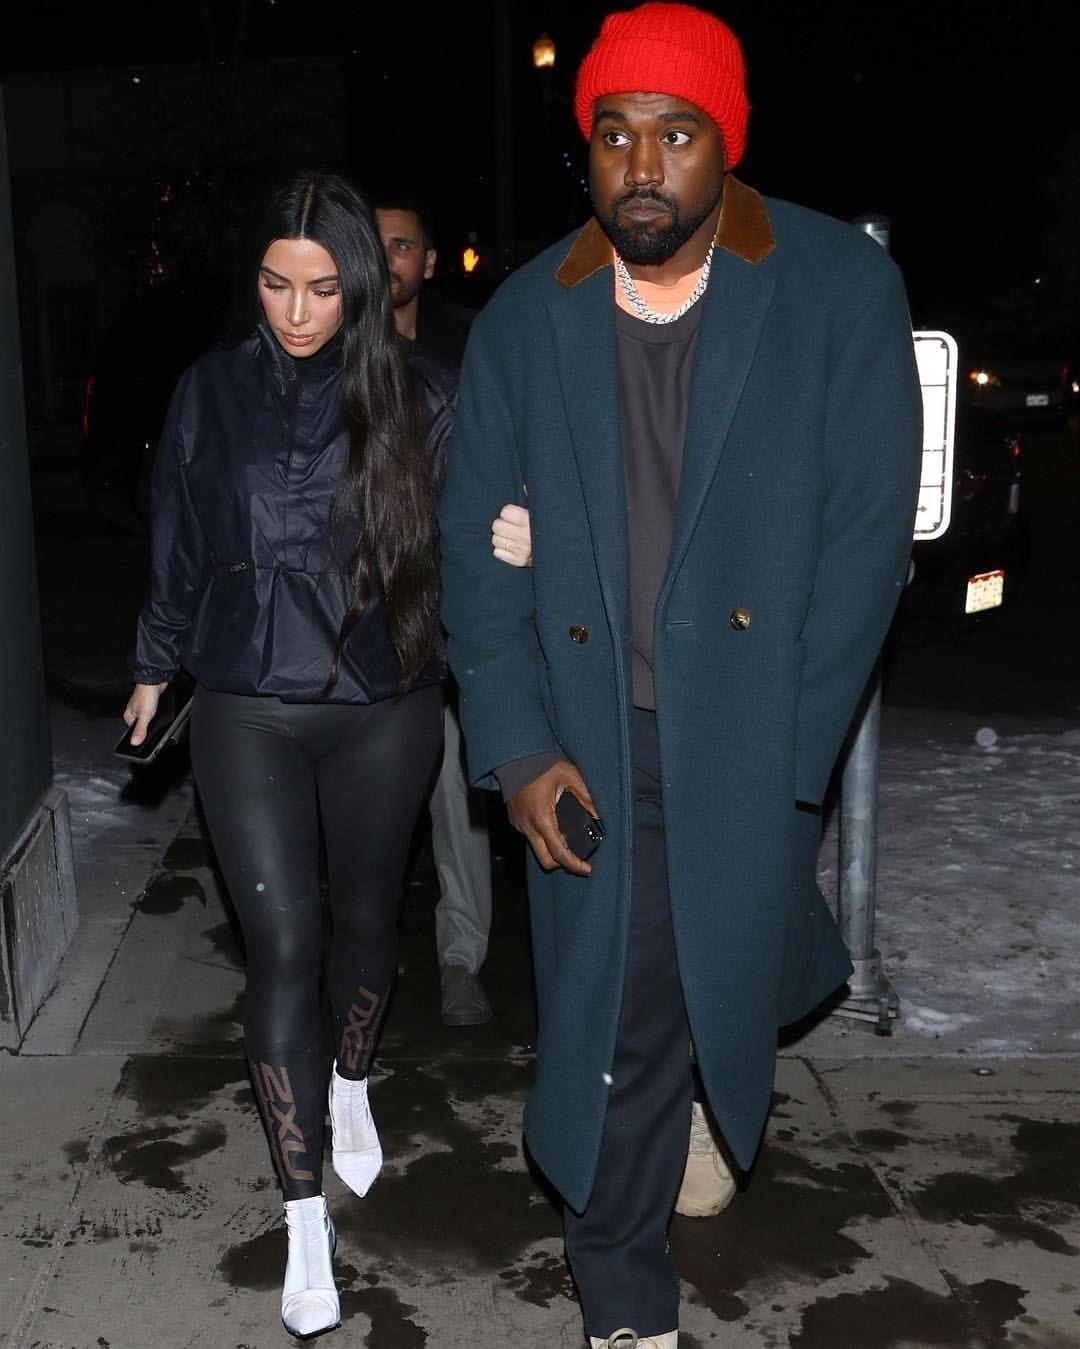 Kim Kardashian Kanye West At Matsuhisa In Aspen 12 30 Kim Kardashian Et Kanye West A Ma Kanye West Style Kim Kardashian Kanye West Kim Kardashian And Kanye